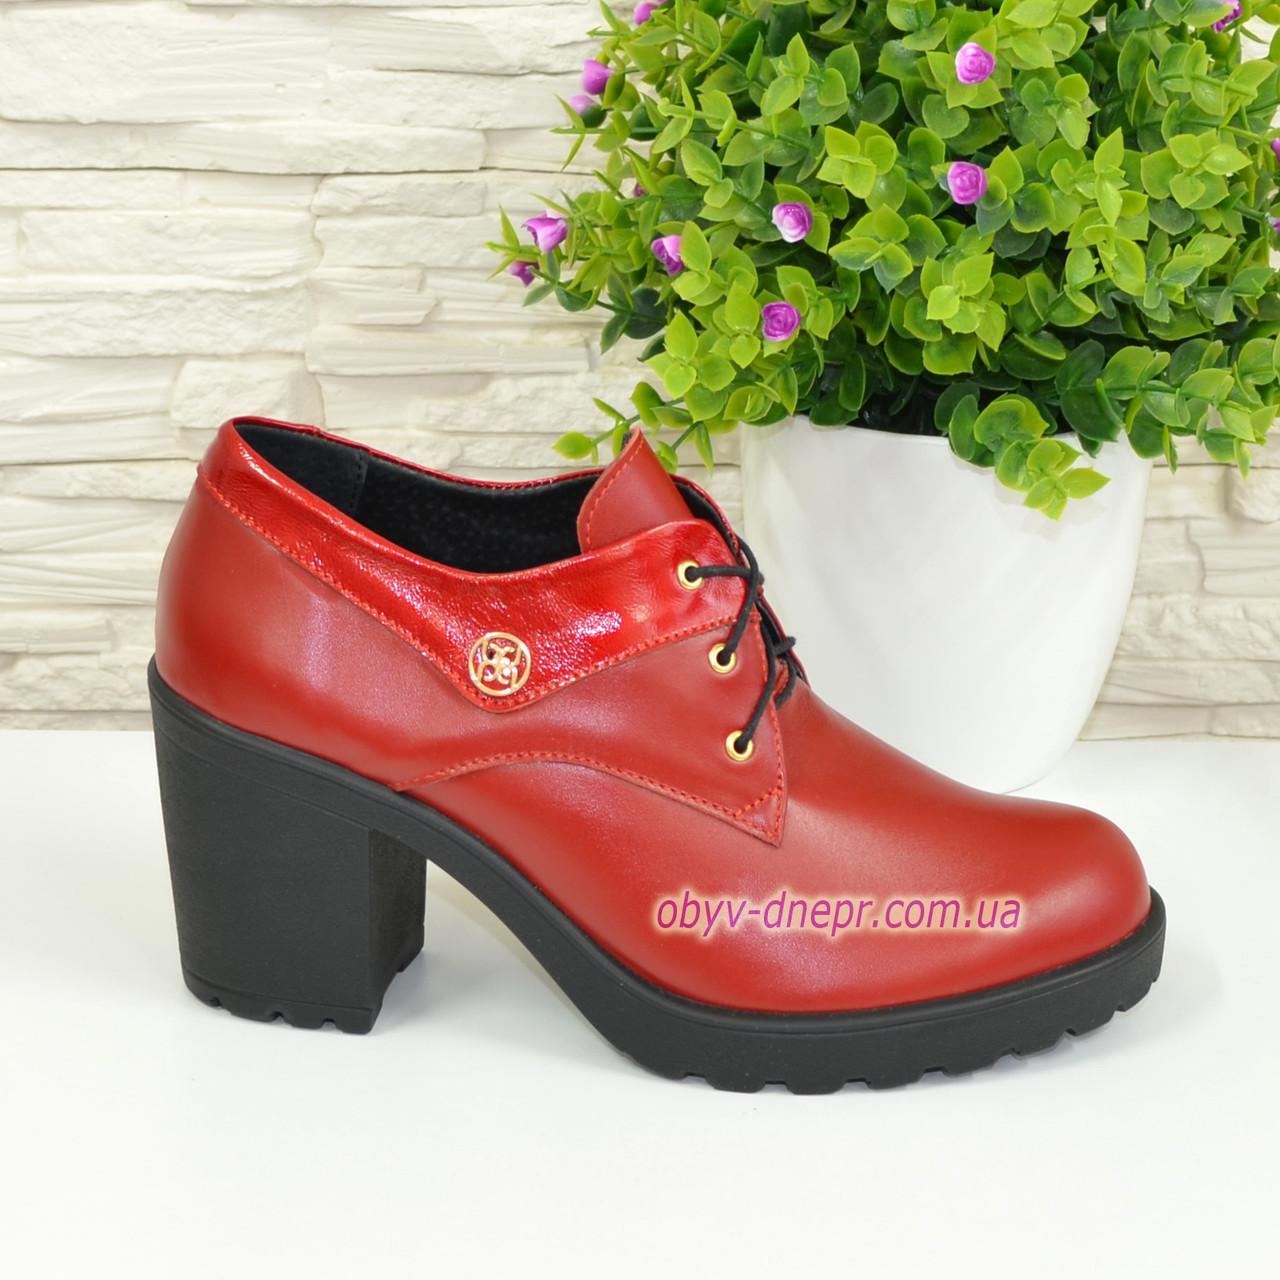 Туфли женские кожаные красные на шнуровке, фото 1